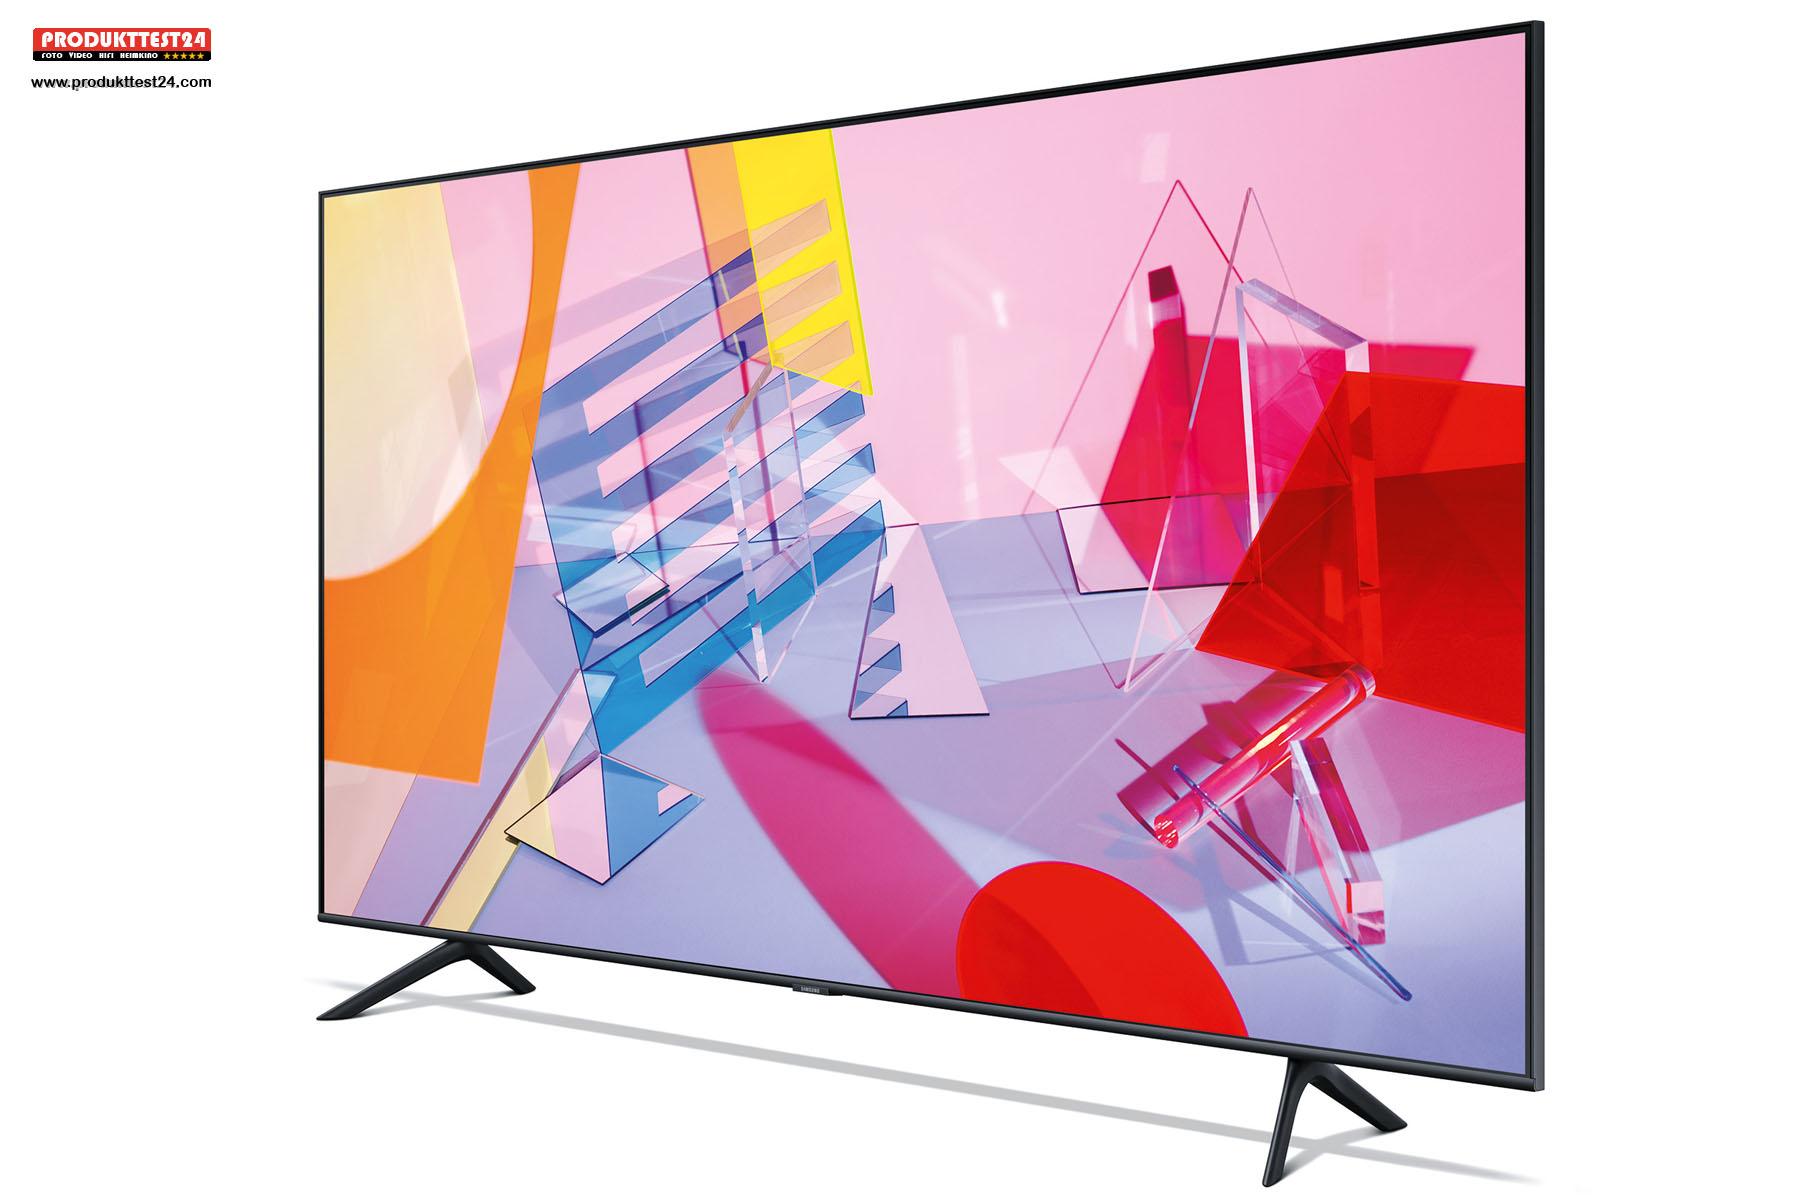 QLED 4K-Fernseher mit einer 189 cm großen Bilddiagonalen